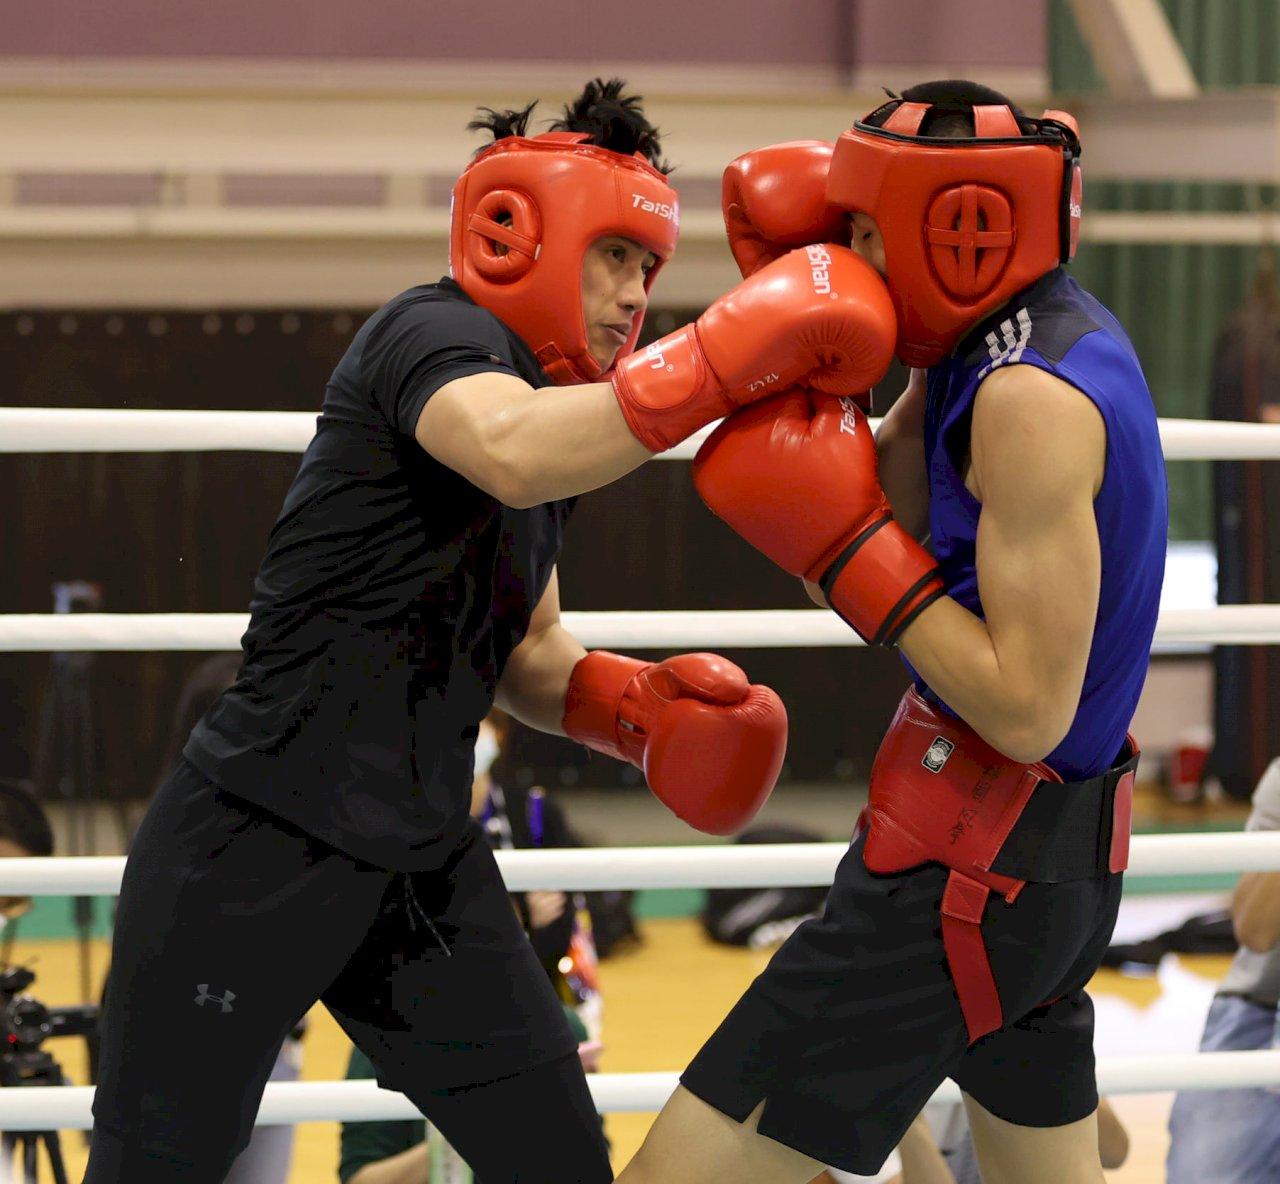 台灣4女子拳擊好手征戰東奧   總教練:目標至少2金